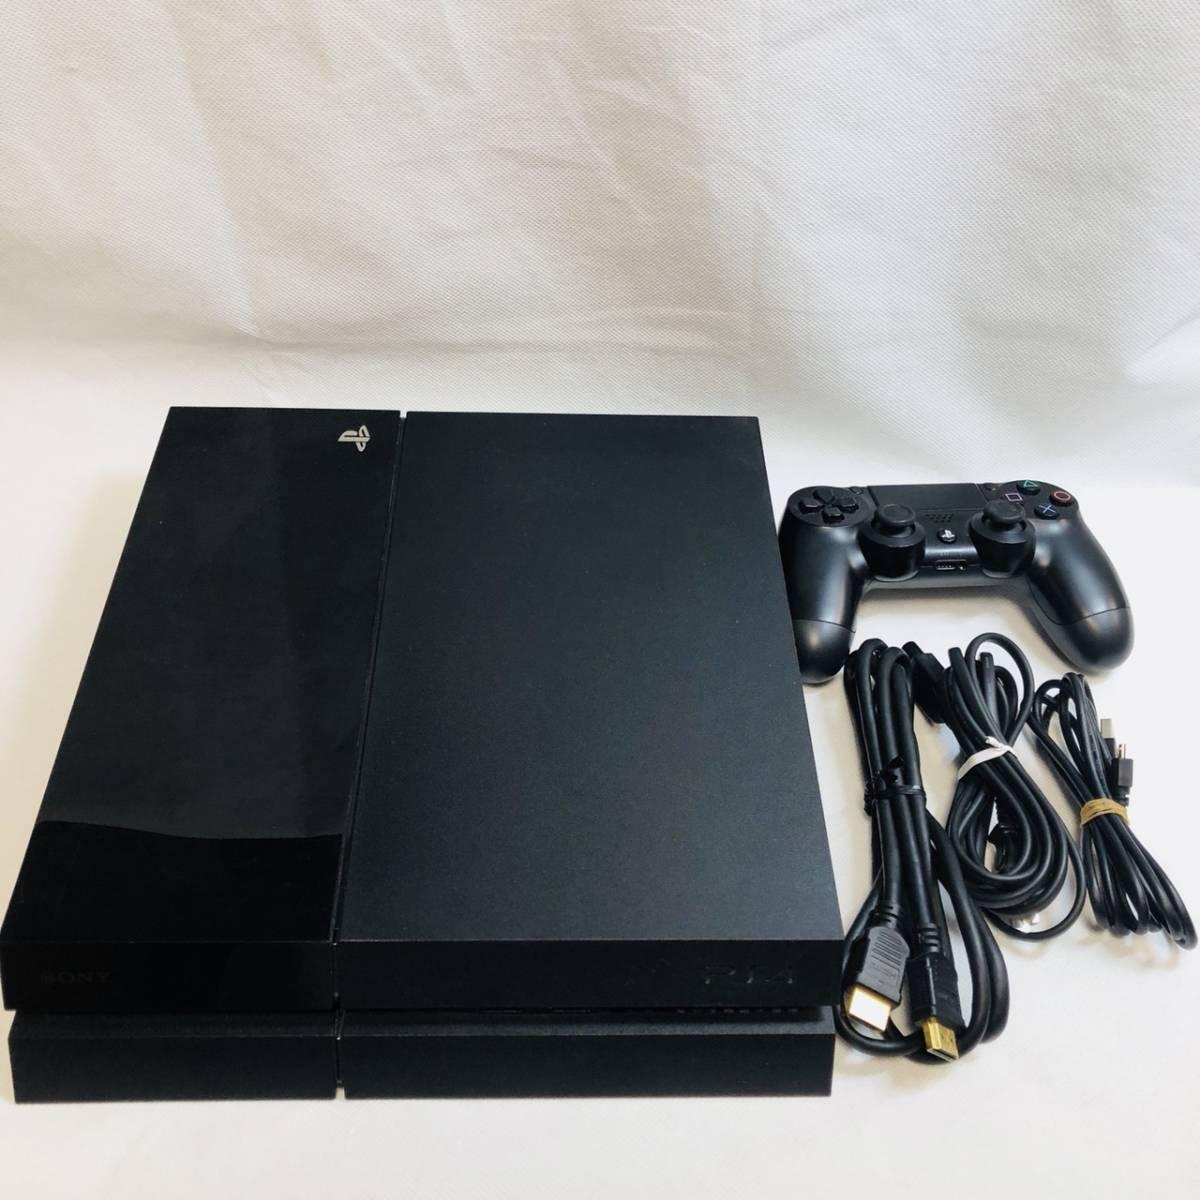 ★ 動作品 ★ PlayStation4 CUH-1000A 本体 すぐ遊べるセット! ジェットブラック 黒 プレイステーション4 プレステ4 封印シールあり ps4